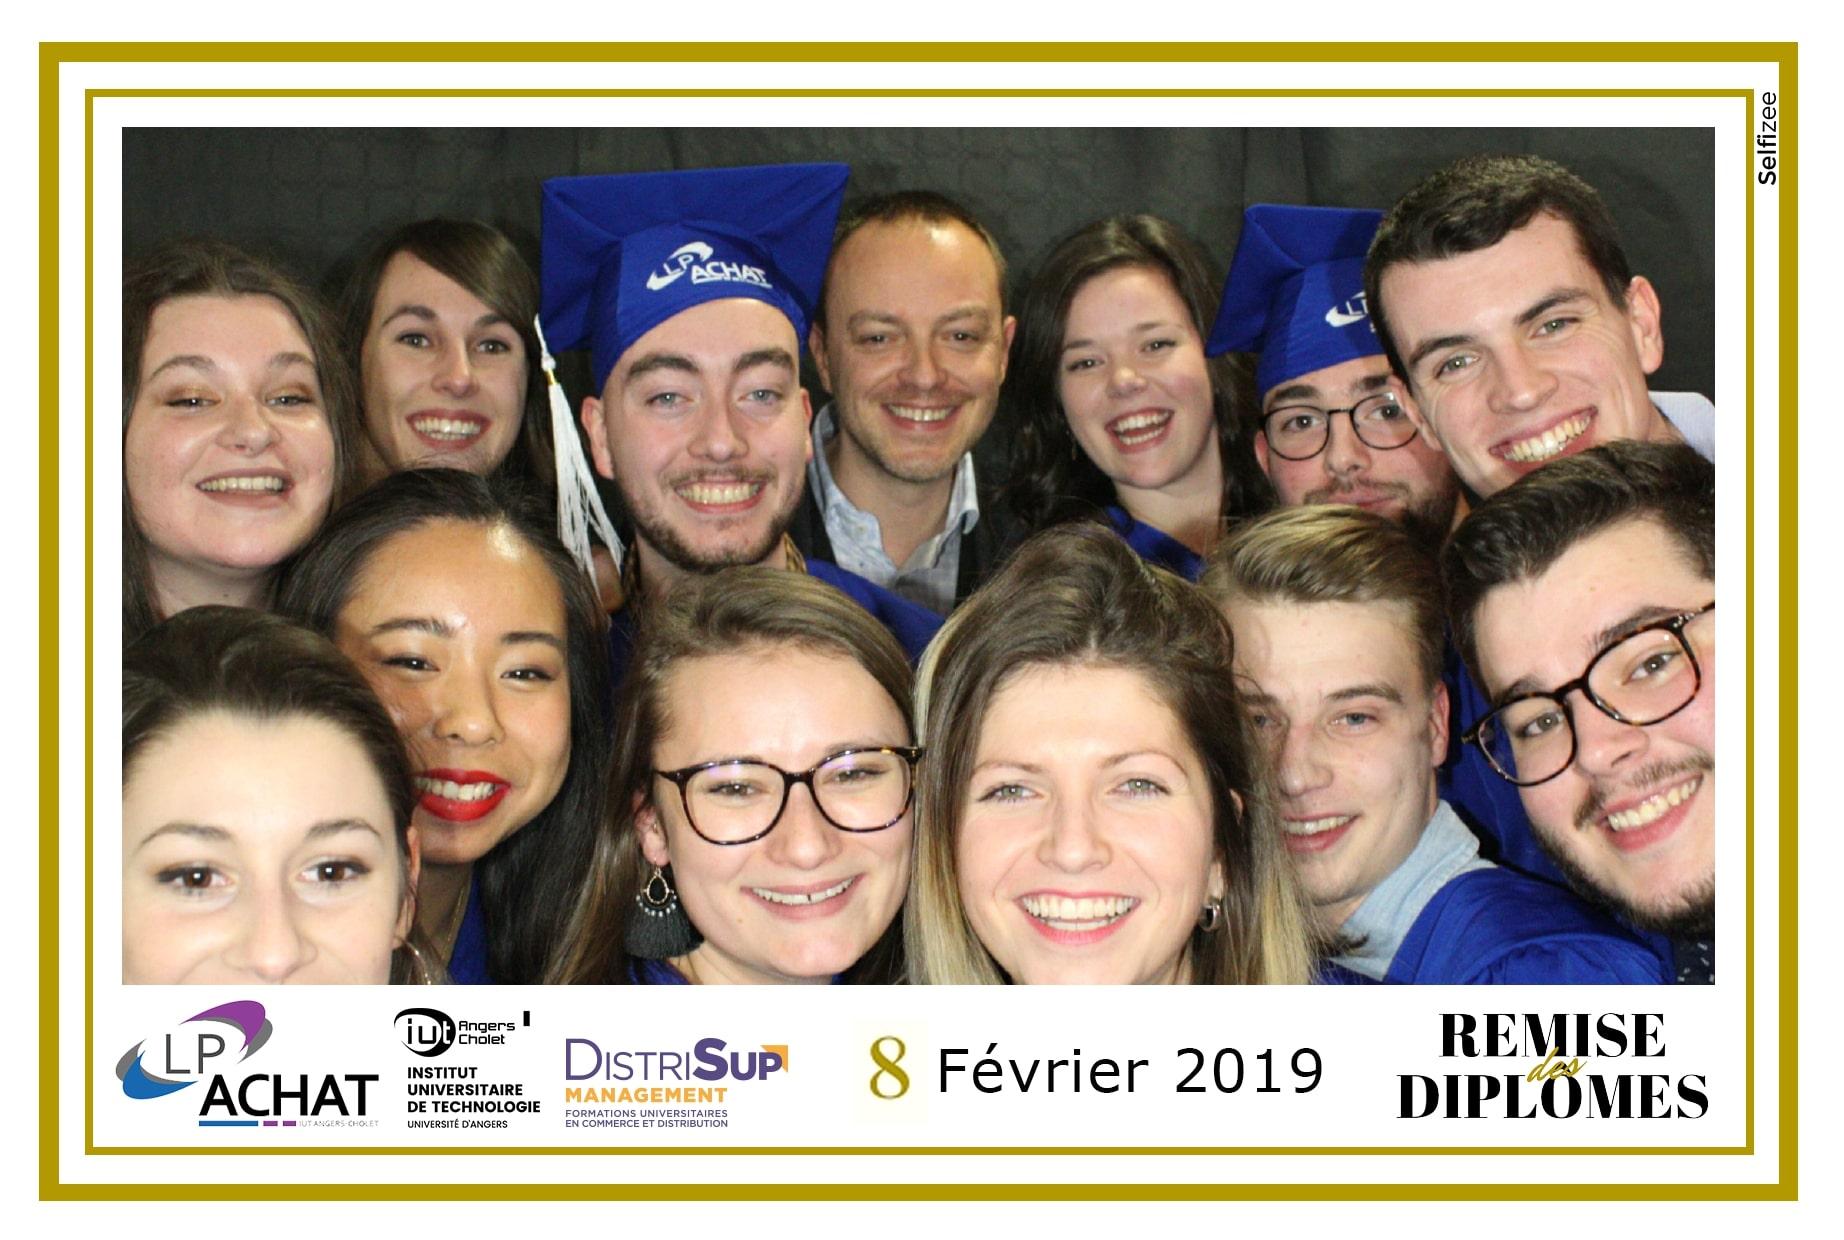 Selfie remise des diplômes IUT Angers 2019 animation photobooth connecté et impressions photos